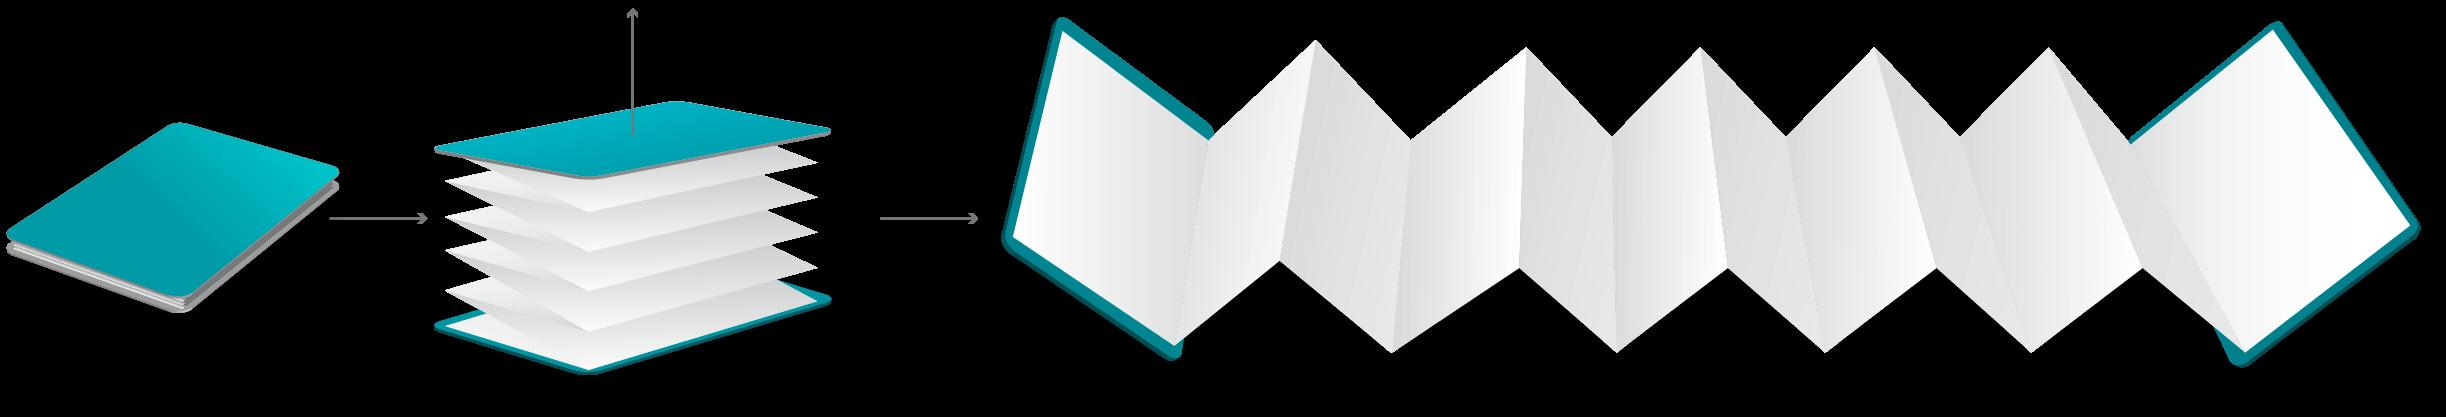 Single Row Pocket Map